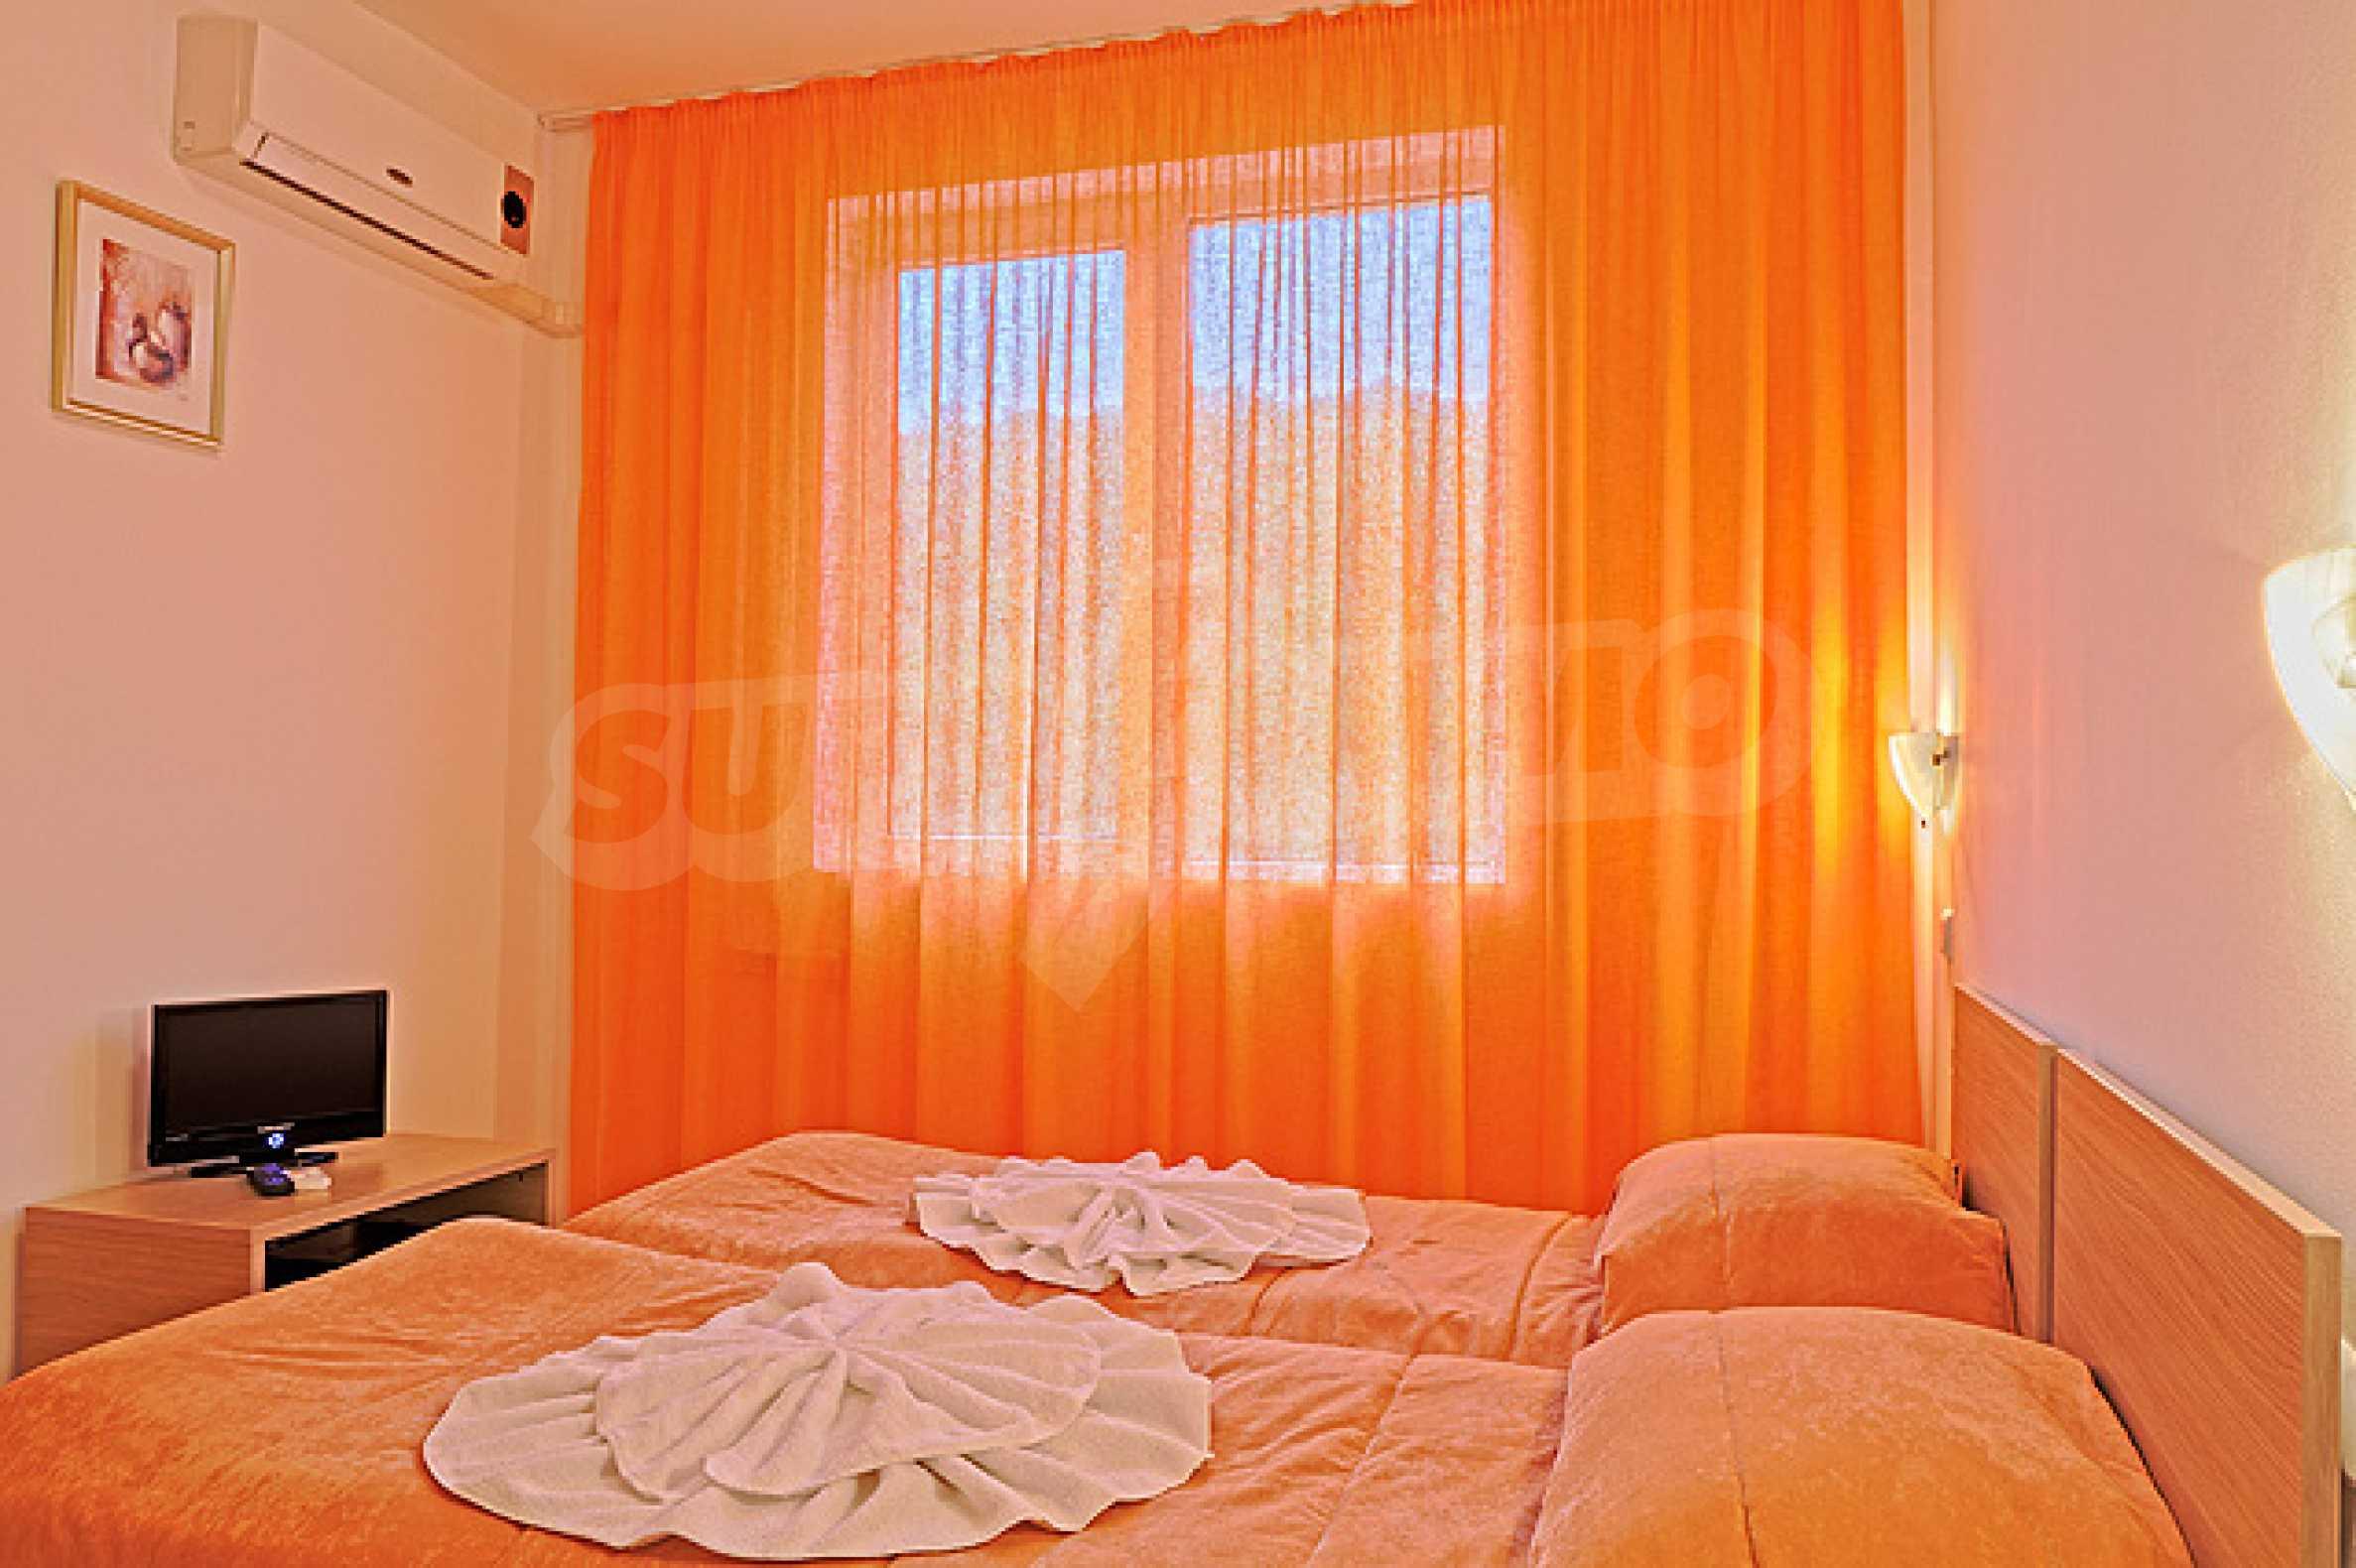 Sunset Kosharitsa - aпартаменти в атрактивен комплекс сред планината и морето, на 5 минути с кола от Слънчев бряг 24